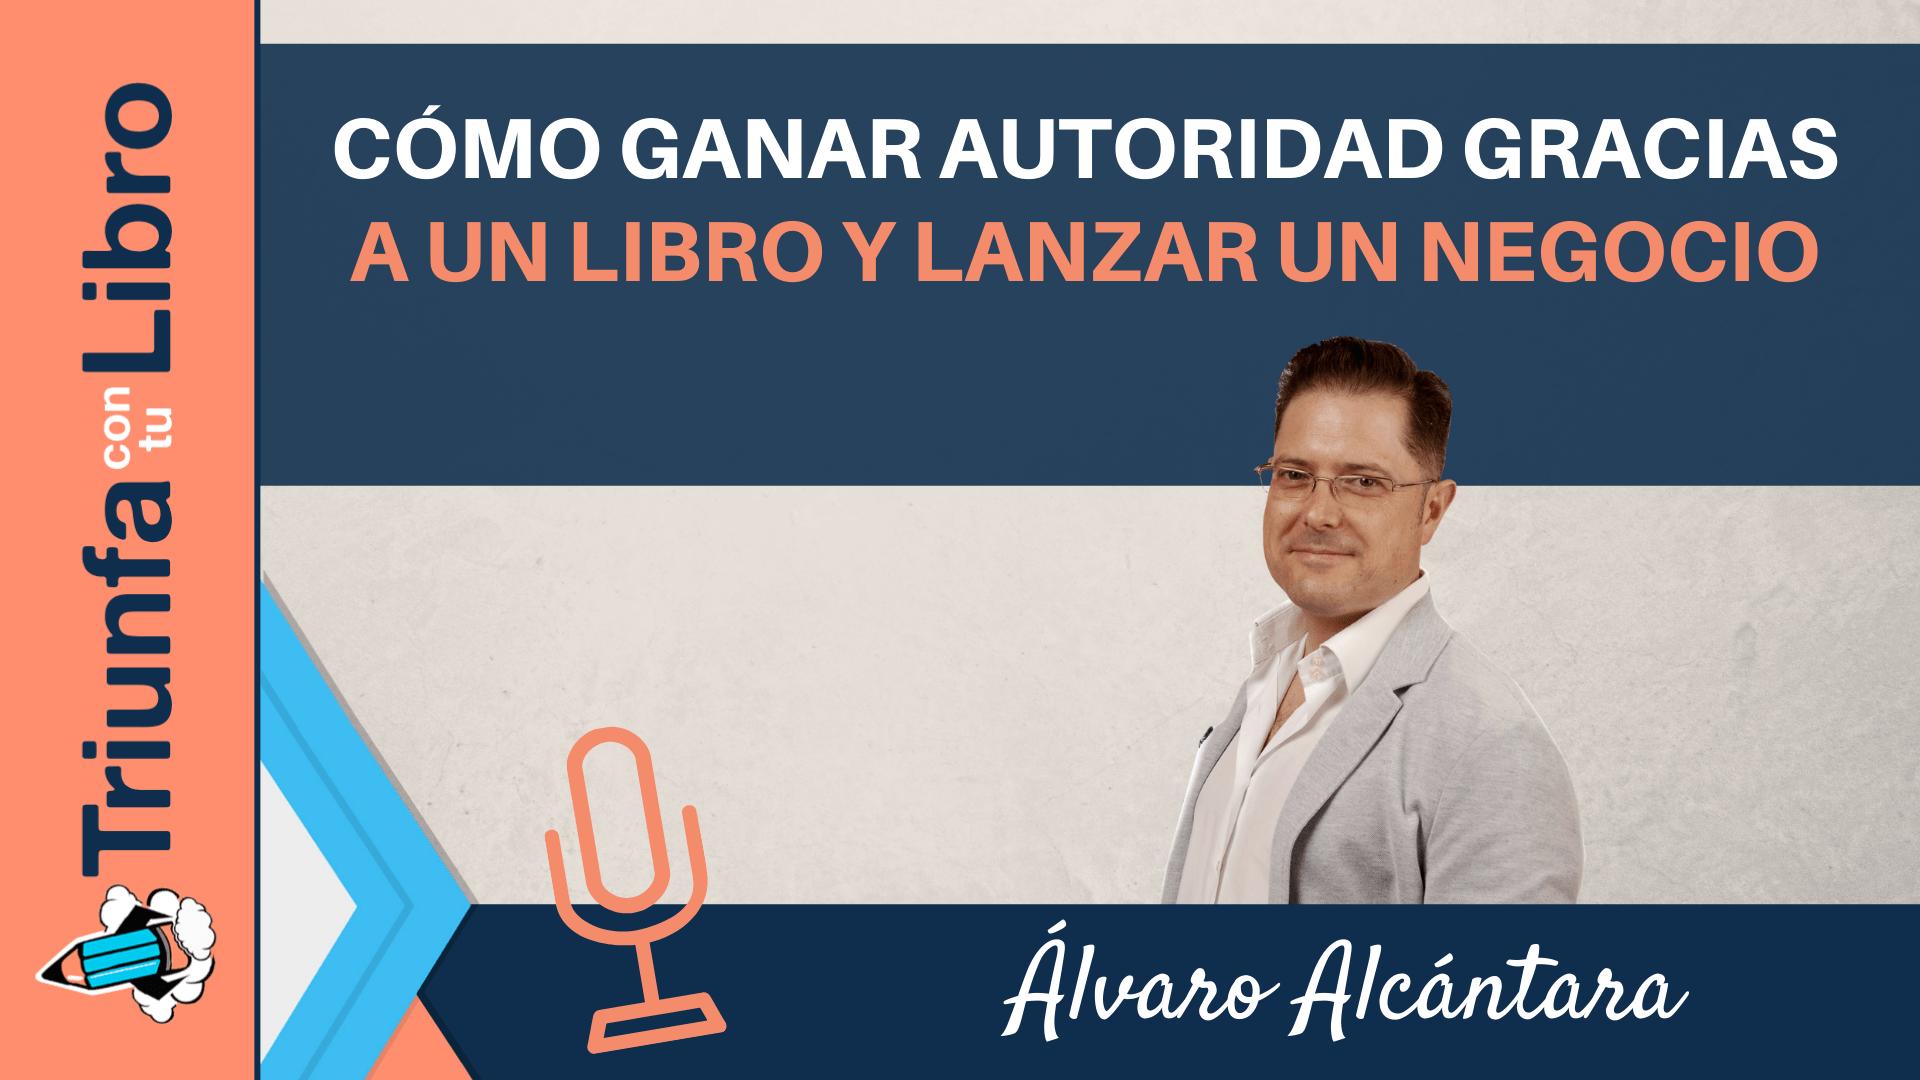 Cómo ganar autoridad gracias a un libro y lanzar un negocio con Álvaro Alcántara